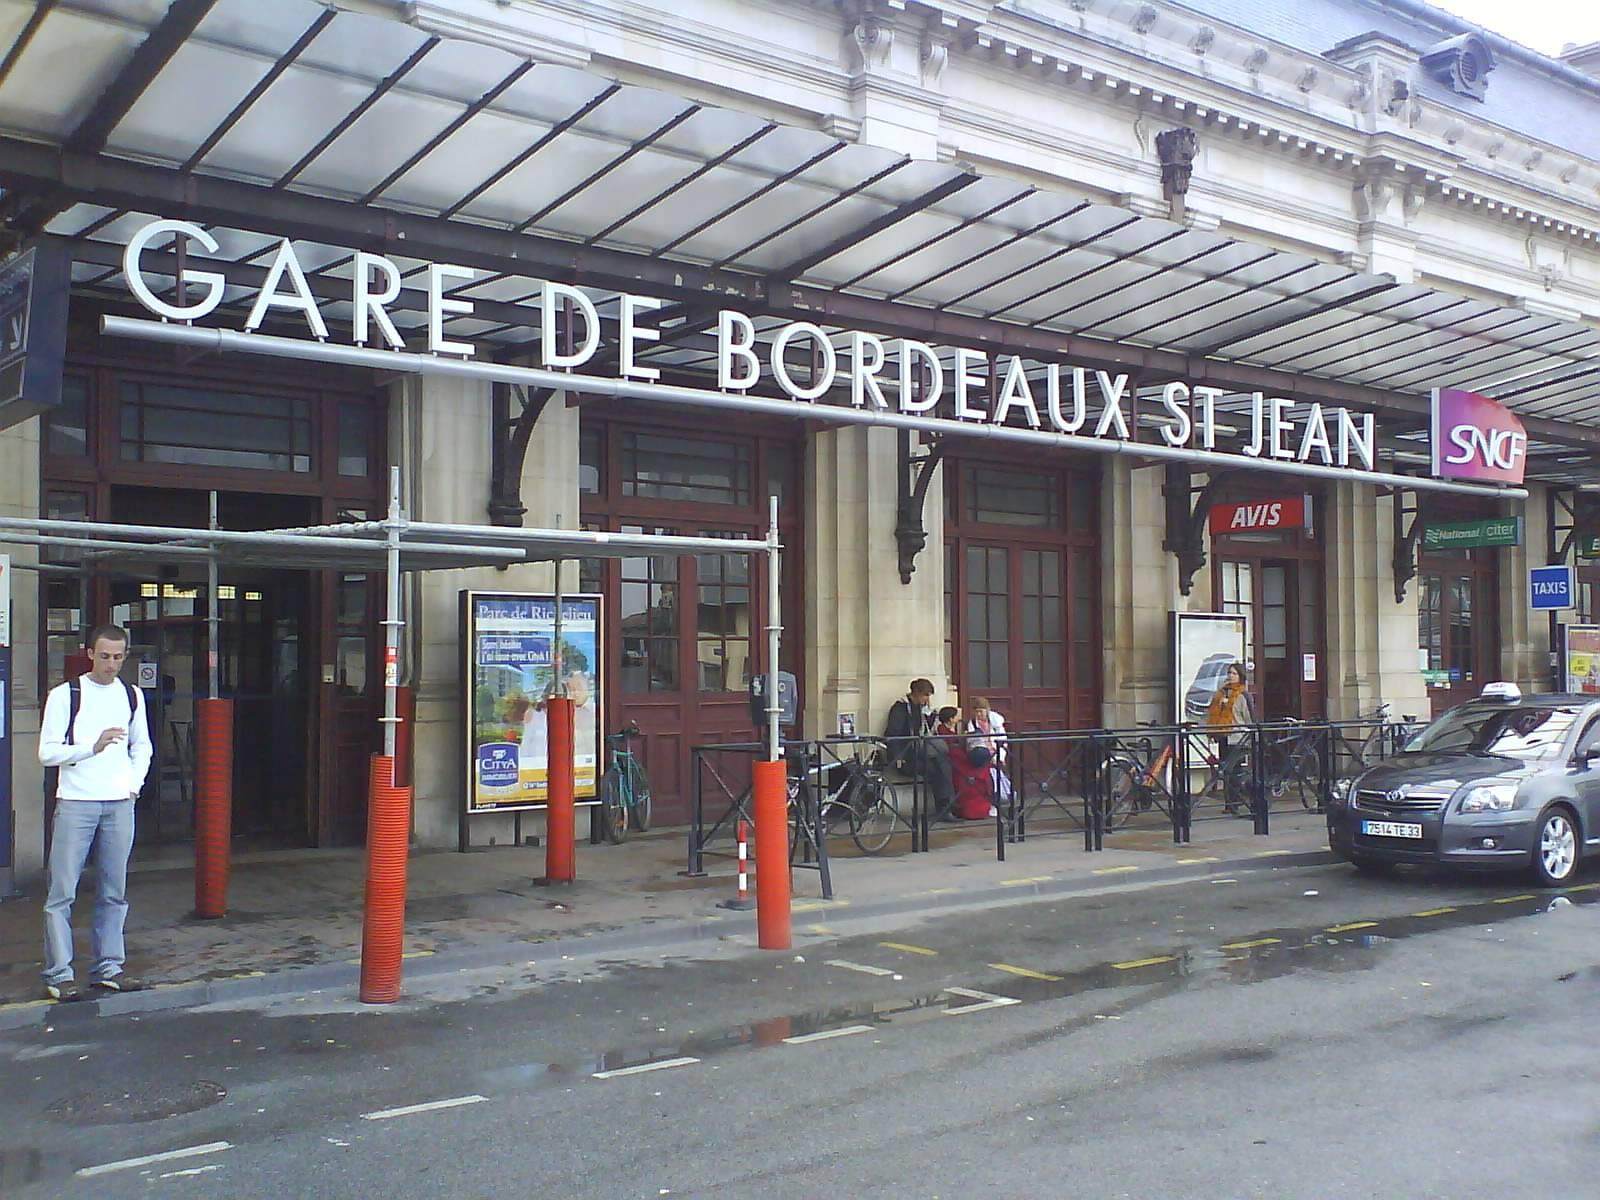 Gare Bordeaux